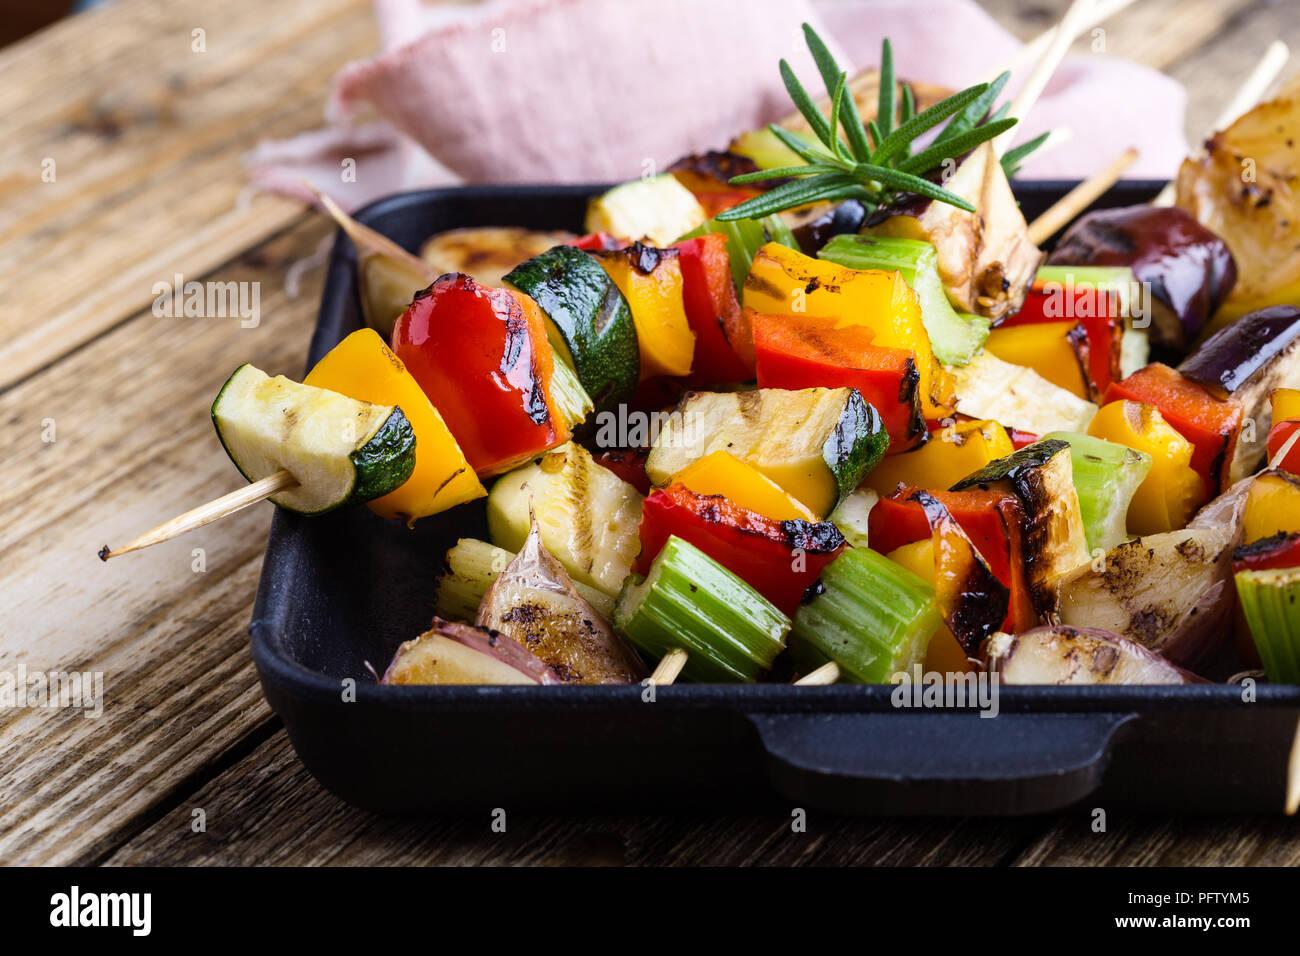 Gegrillte bunte Gemüse Spieße auf Gusseisen Skillet. Vegan Sommer Mahlzeit auf rustikalen Holztisch Stockbild